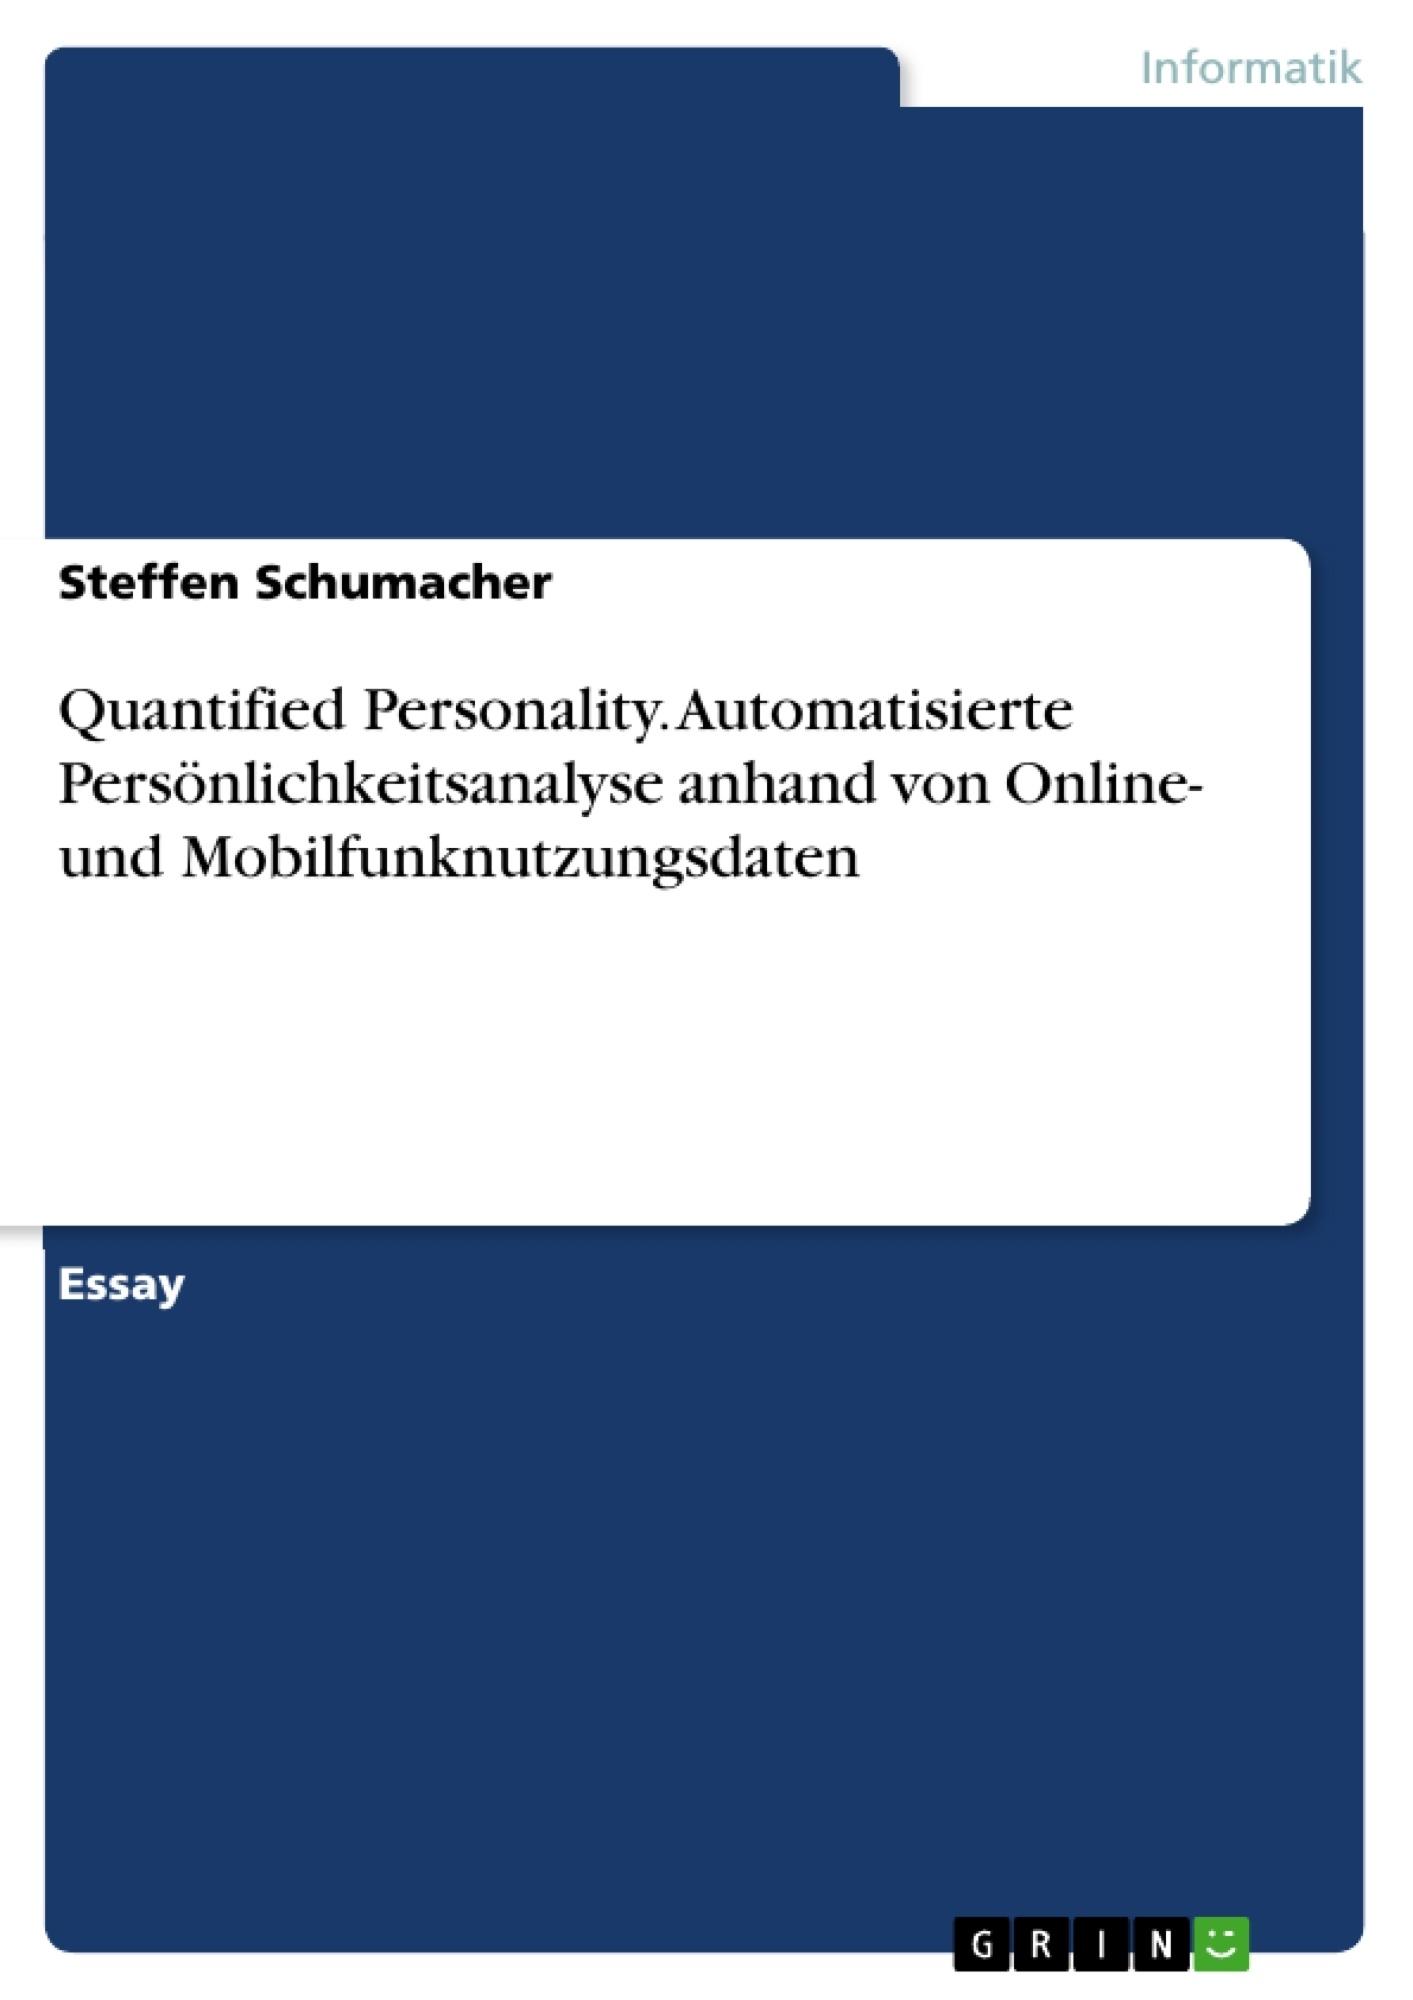 Titel: Quantified Personality. Automatisierte Persönlichkeitsanalyse anhand von Online- und Mobilfunknutzungsdaten